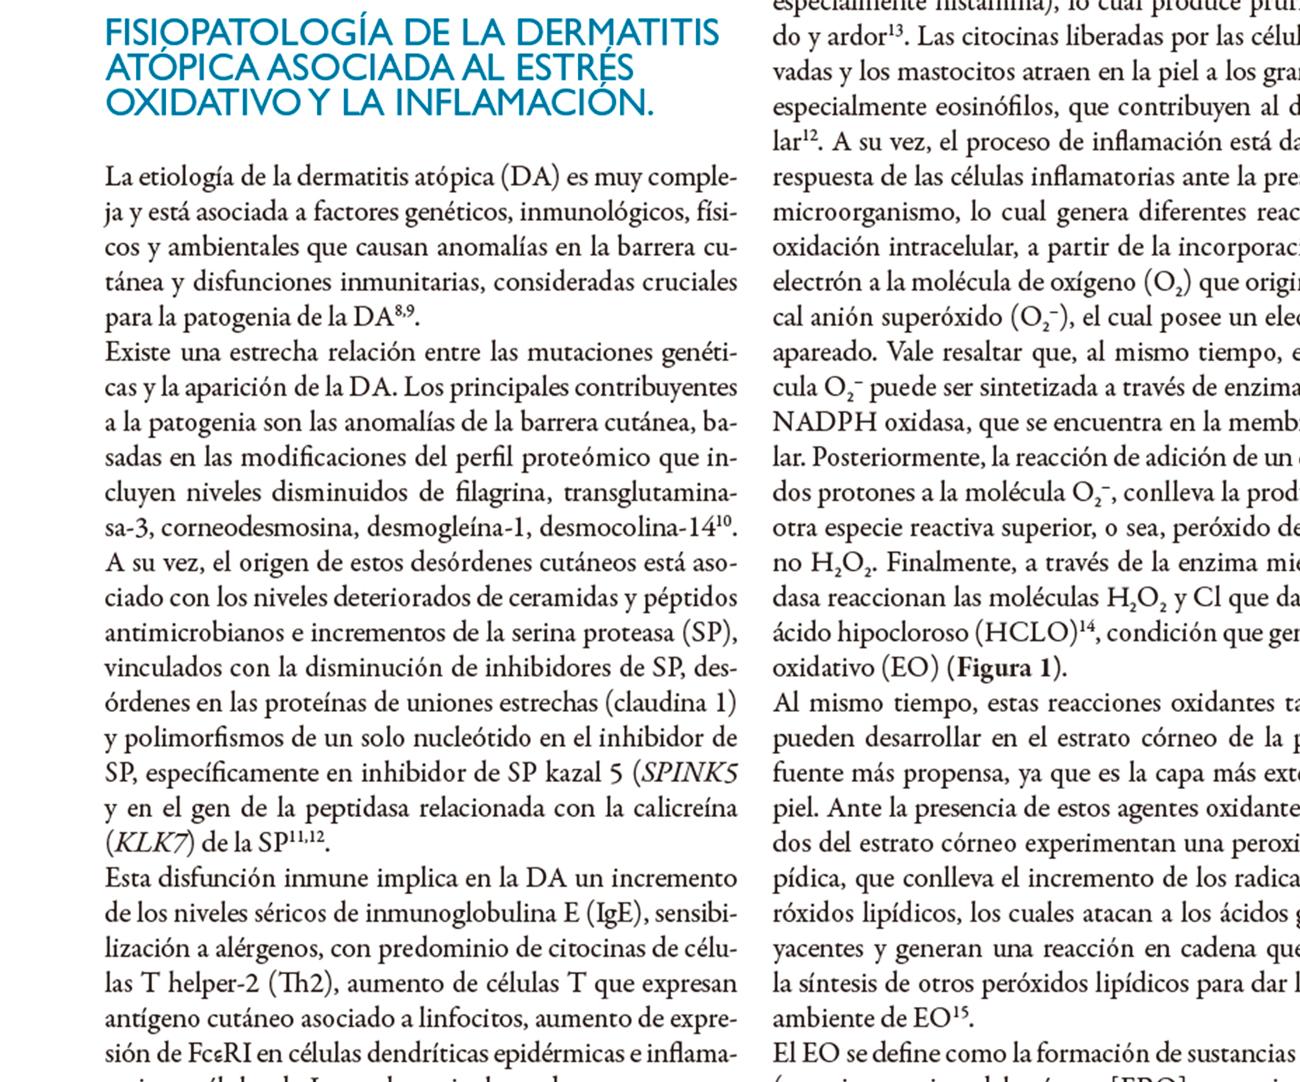 Generalidades de la dermatitis atópica y su vinculación con la respuesta inflamatoria y el estrés oxidativo